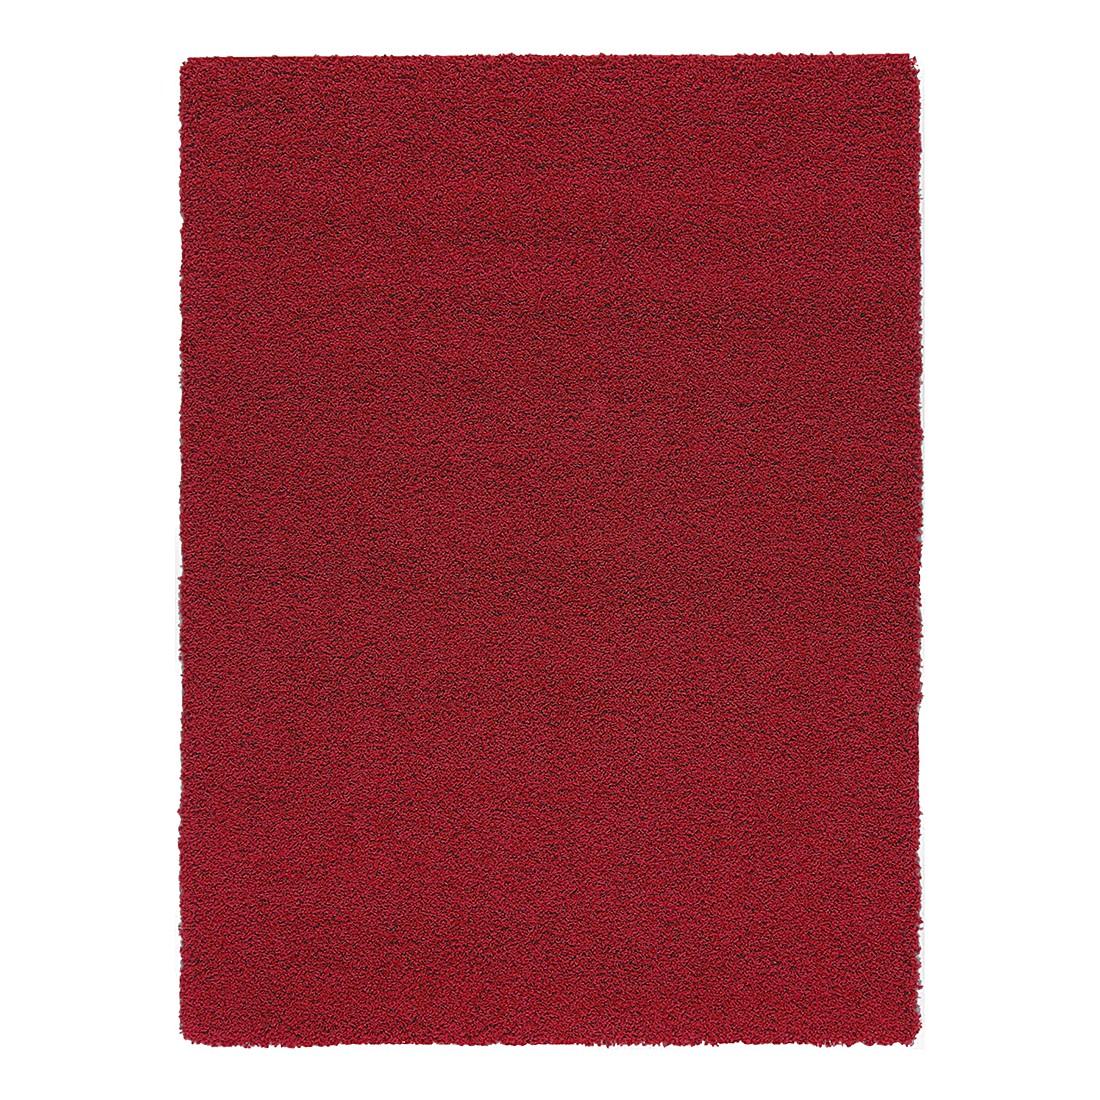 Hochflorteppich Swirls – Rot – 240 x 340 cm, benuta günstig kaufen